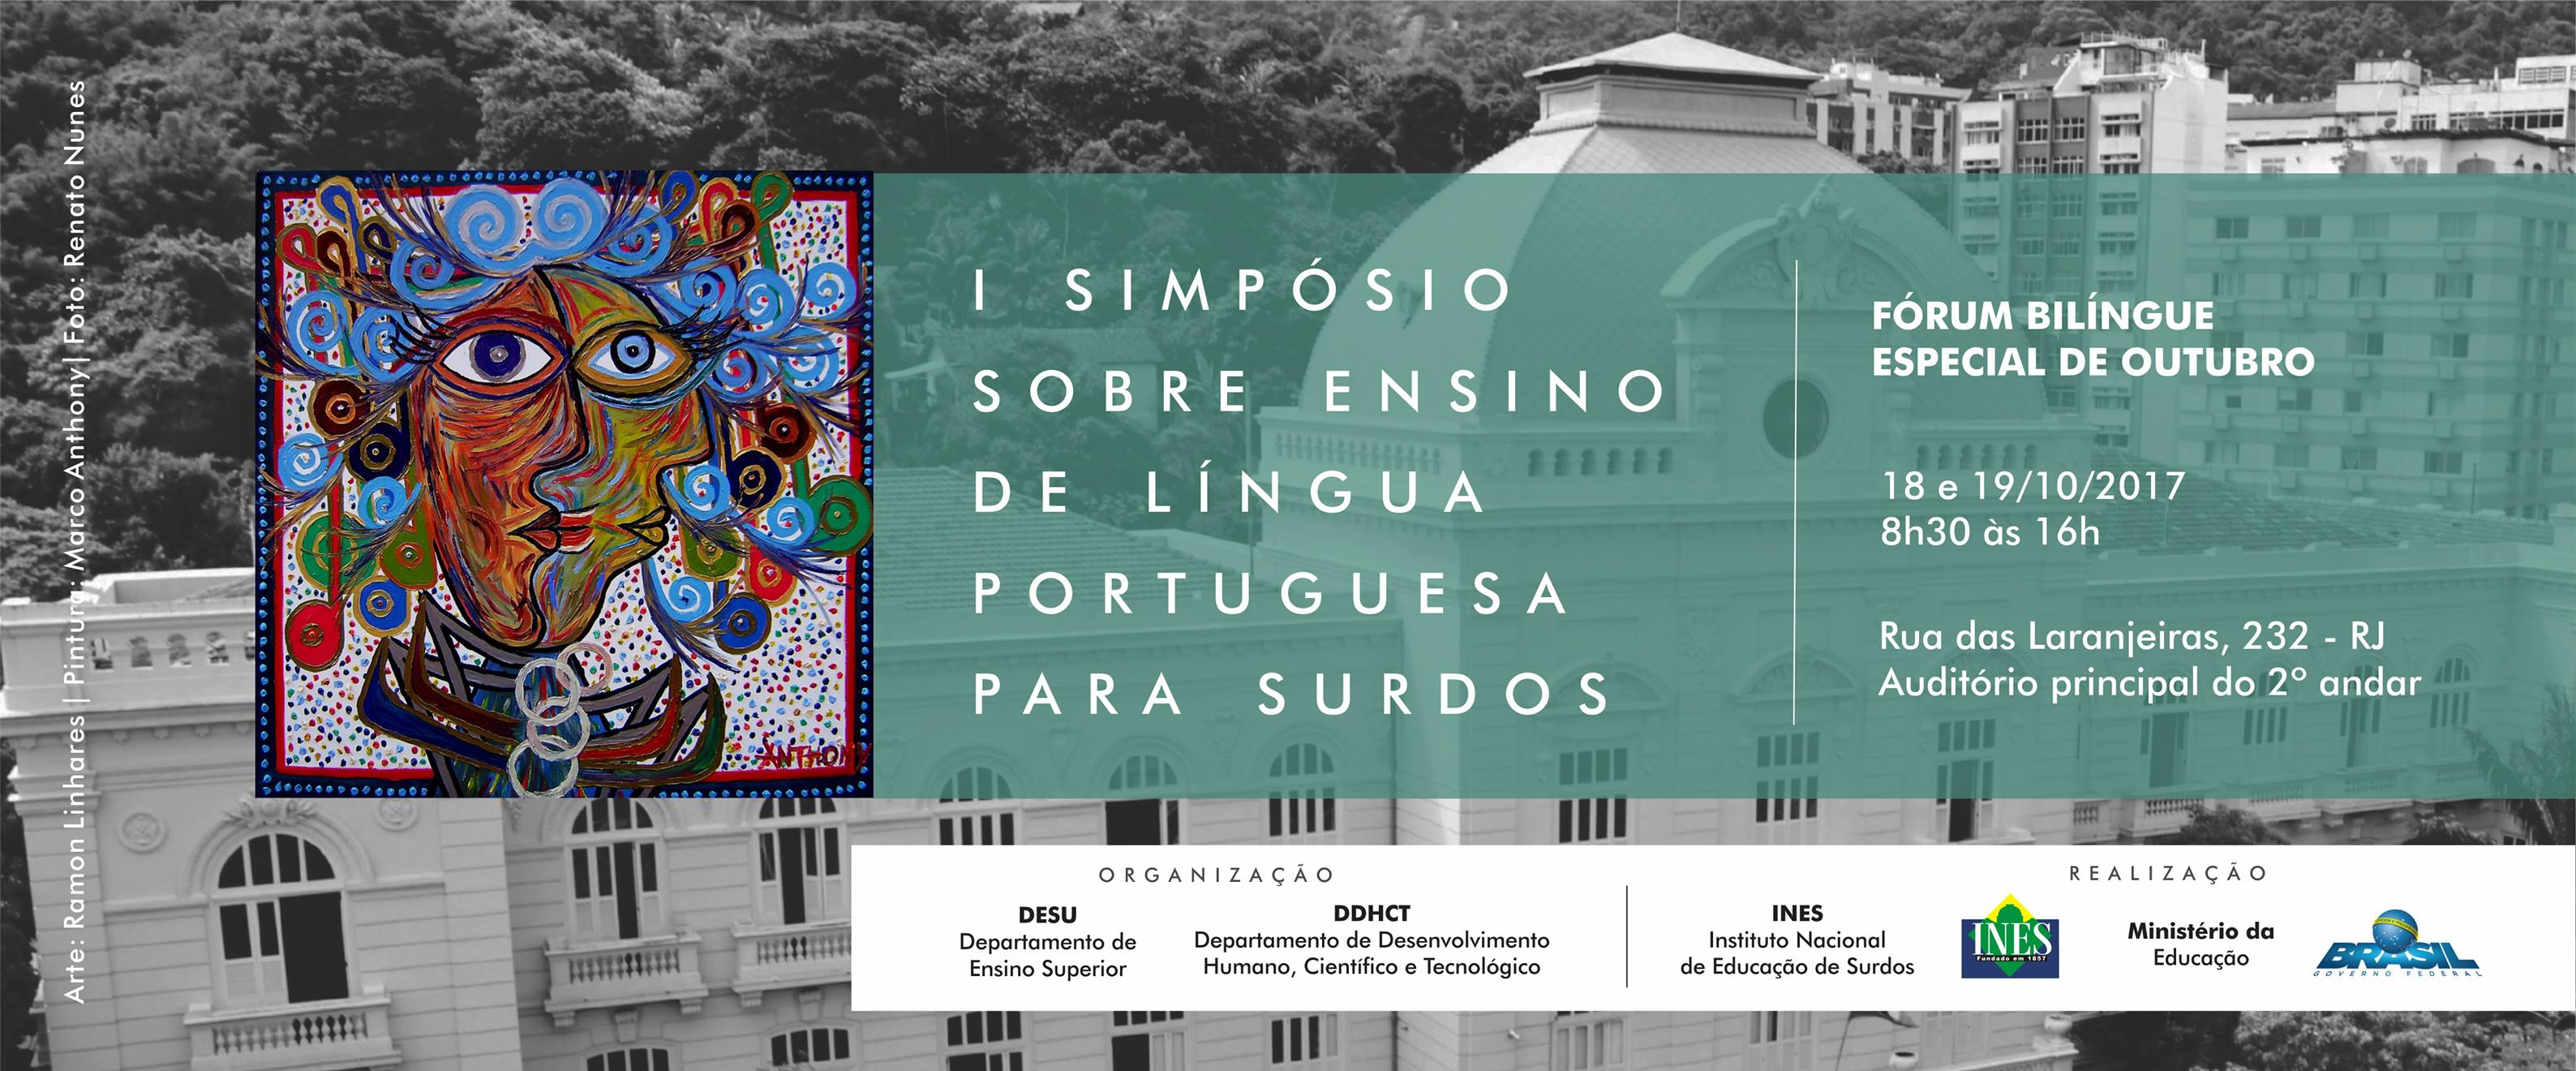 Simpósio sobre Ensino de Língua Portuguesa para Surdos encerra inscrições; evento acontece em outubro